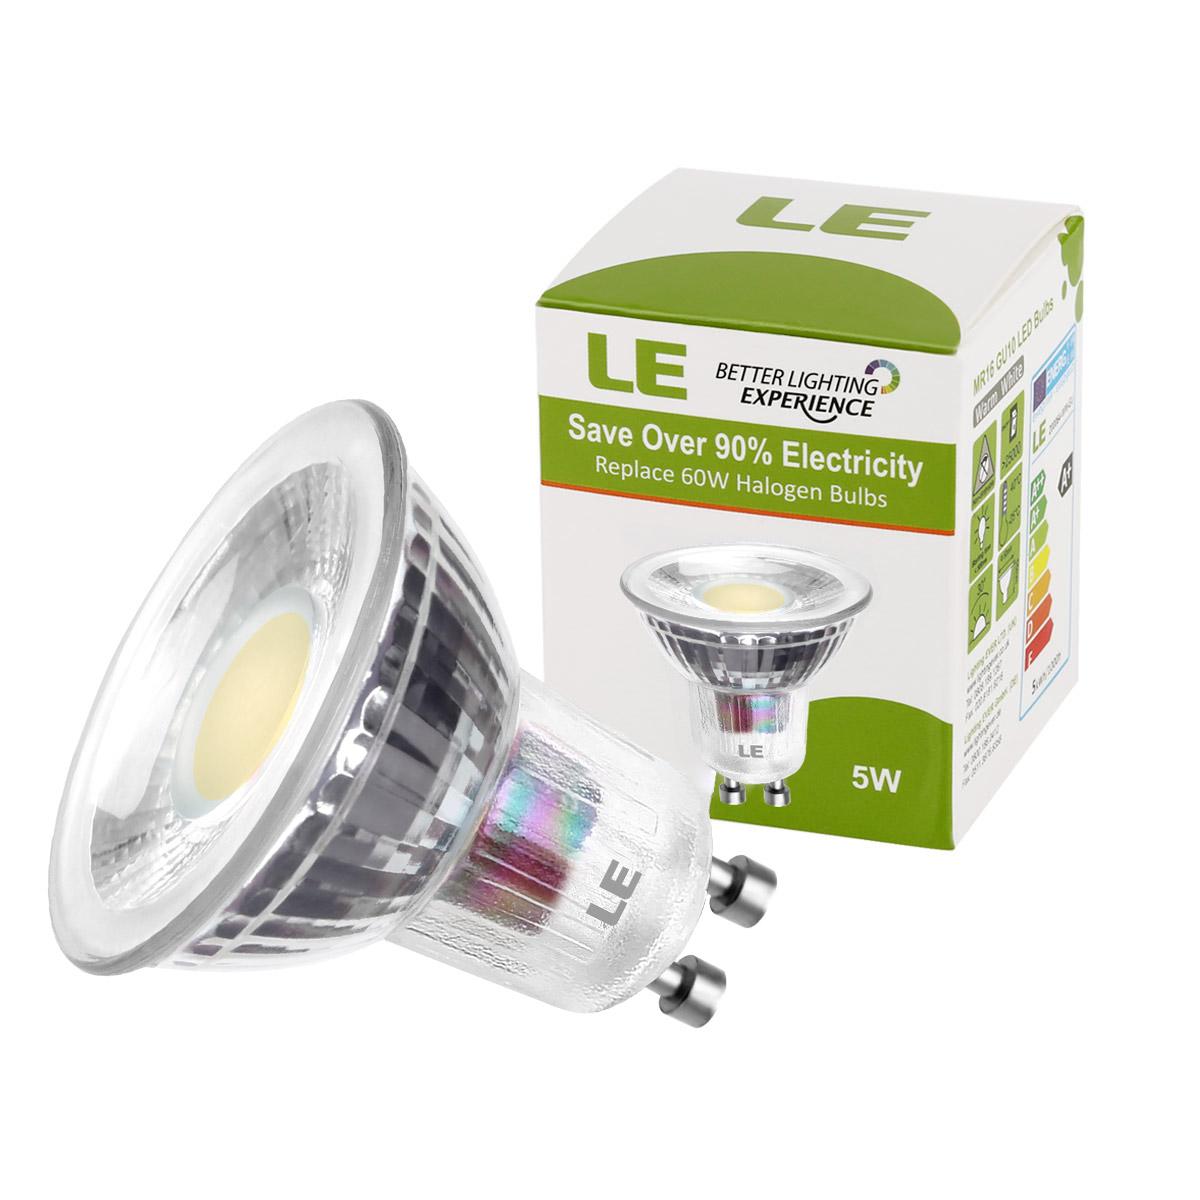 le 5er pack 5w gu10 mr16 led birnen 420lm leuchtmittel spot lampe warmwei ebay. Black Bedroom Furniture Sets. Home Design Ideas